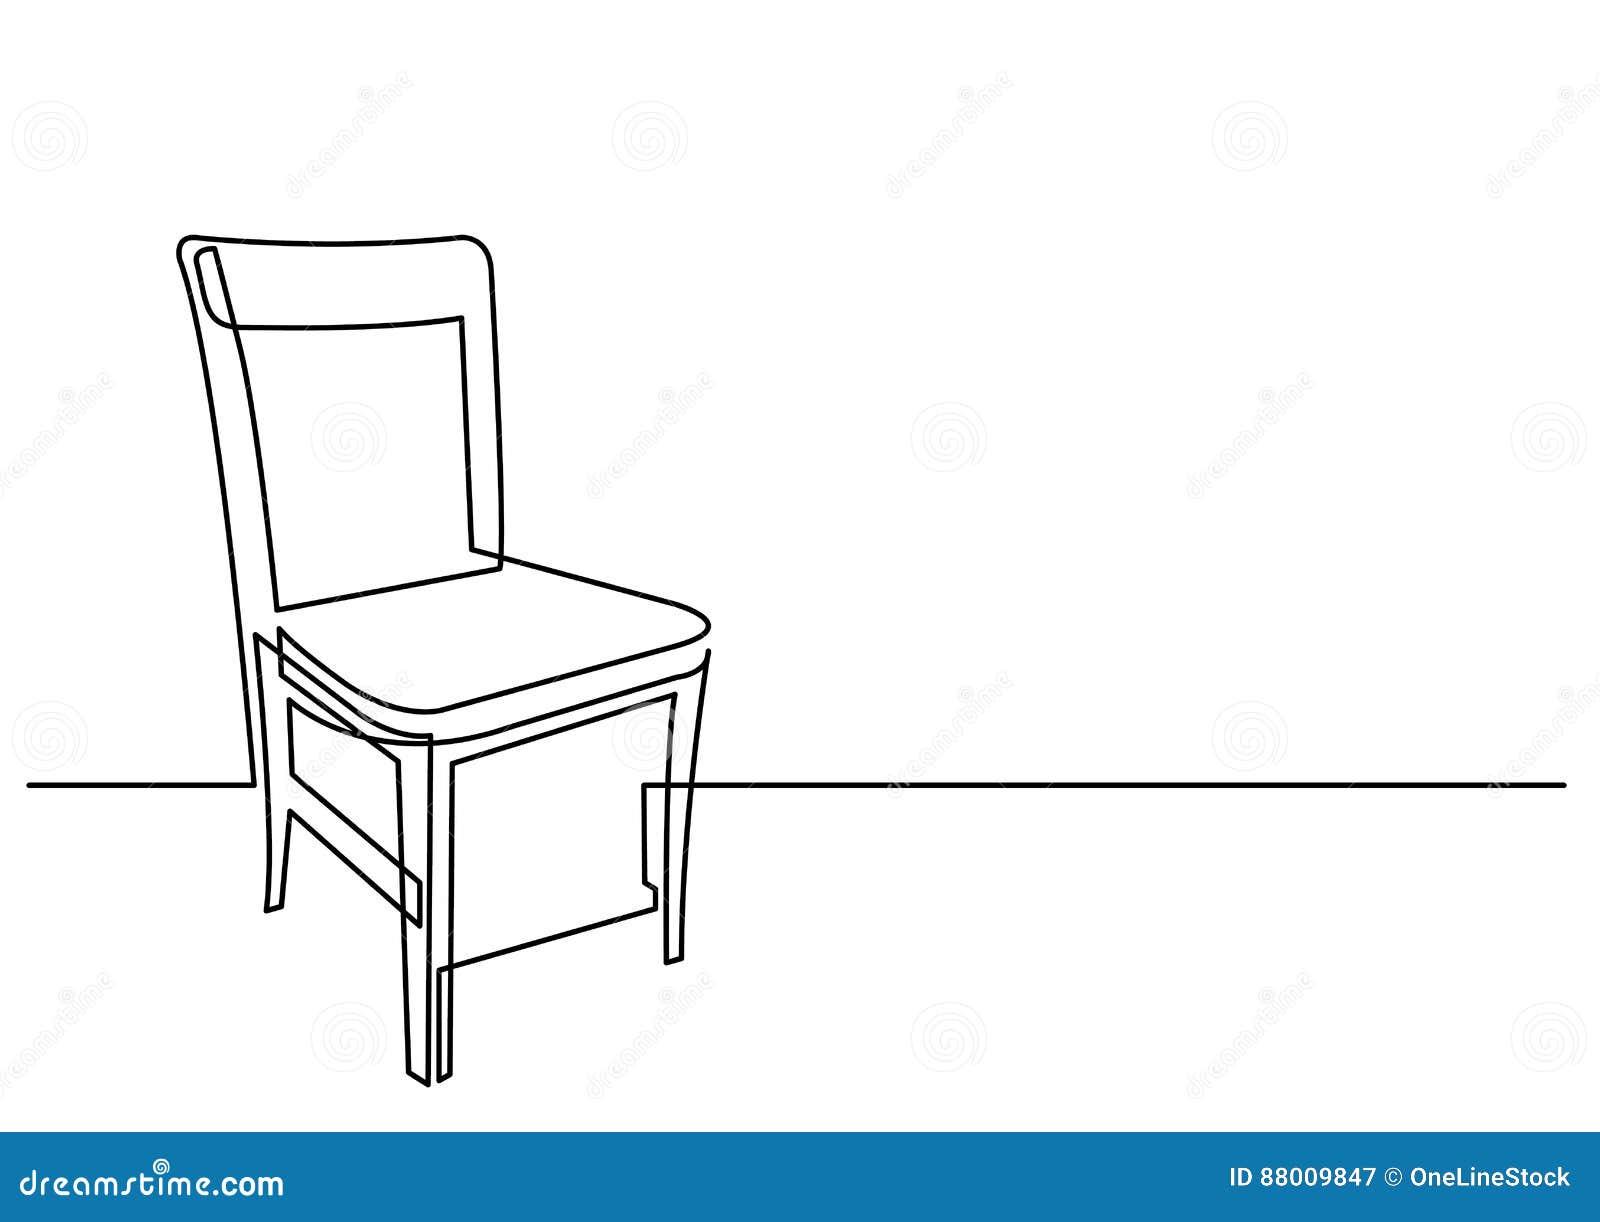 Tratteggio Continuo A Sedia Disegno Illustrazione Della Vettoriale n0Nwvm8